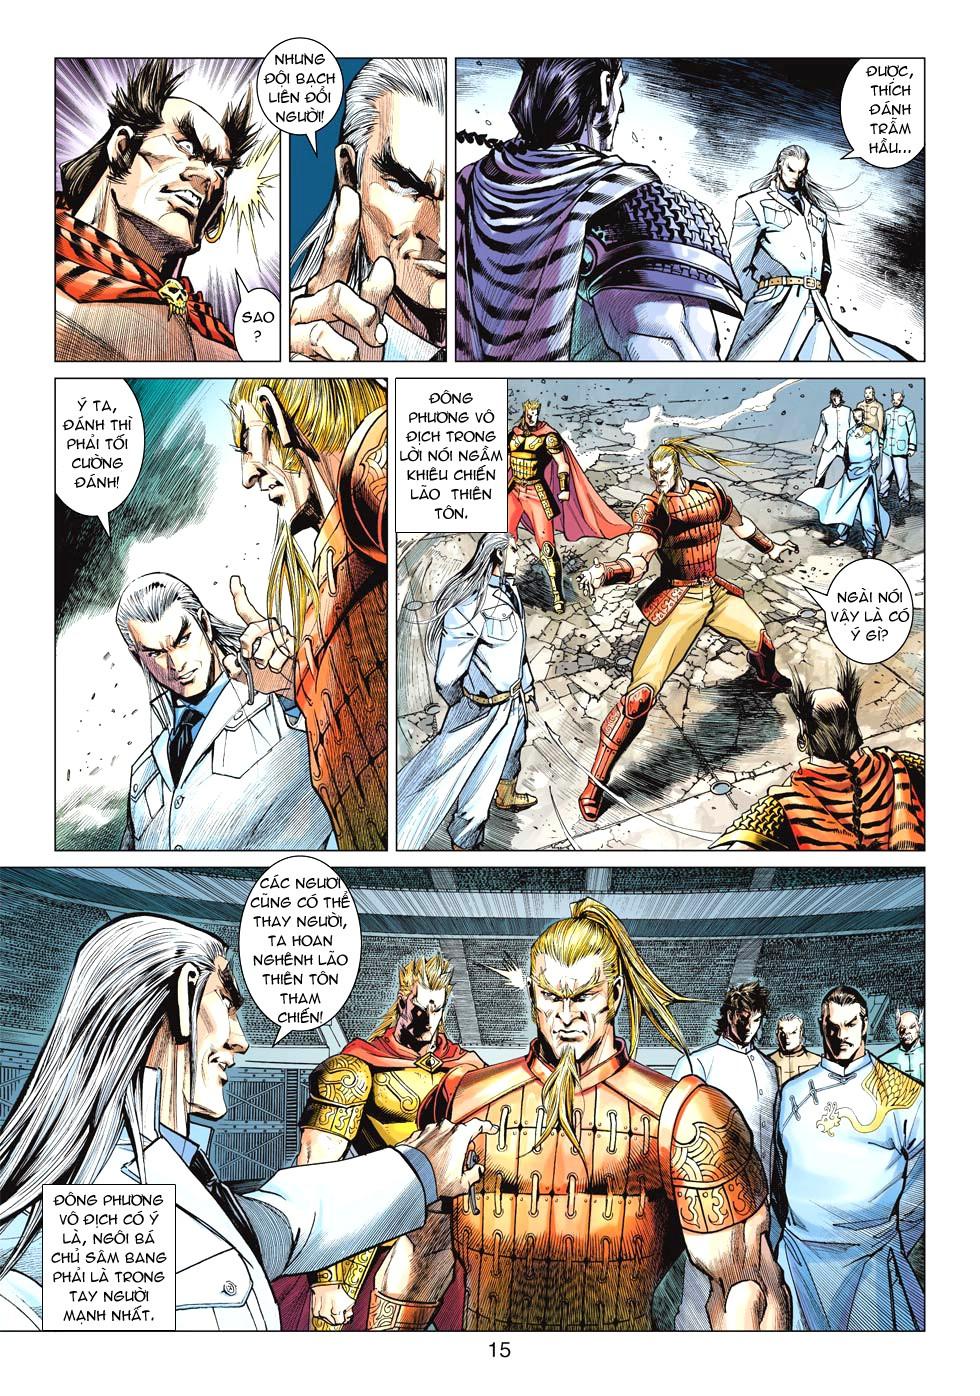 Vương Phong Lôi 1 chap 27 - Trang 14